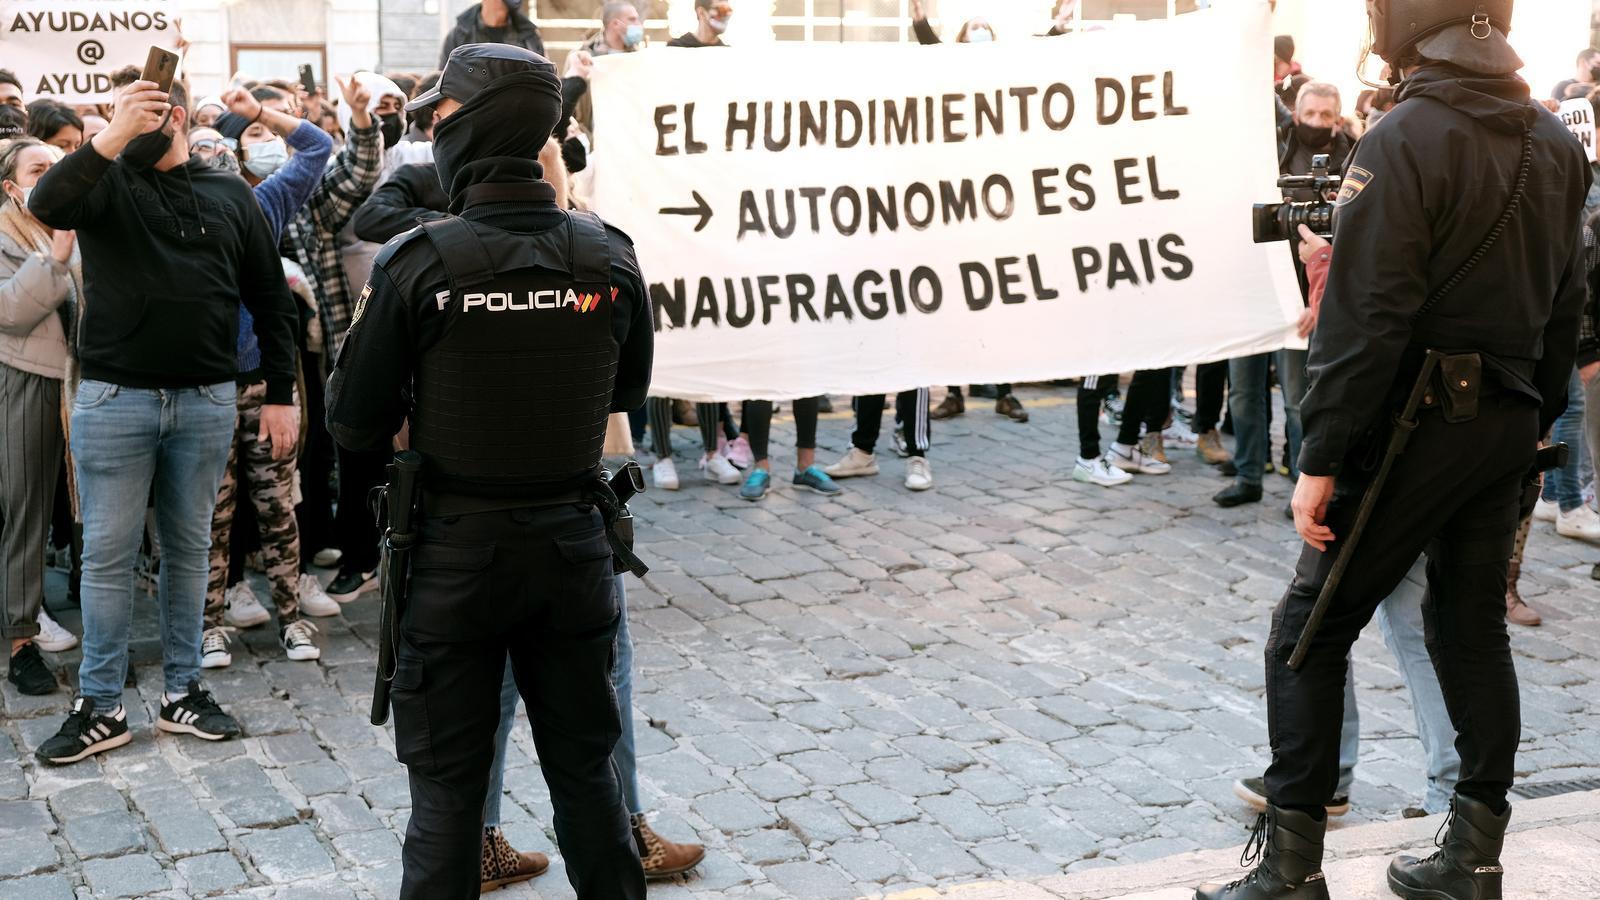 Els manifestats aguanten un cartell davant de la Policia Nacional durant la manifestació.